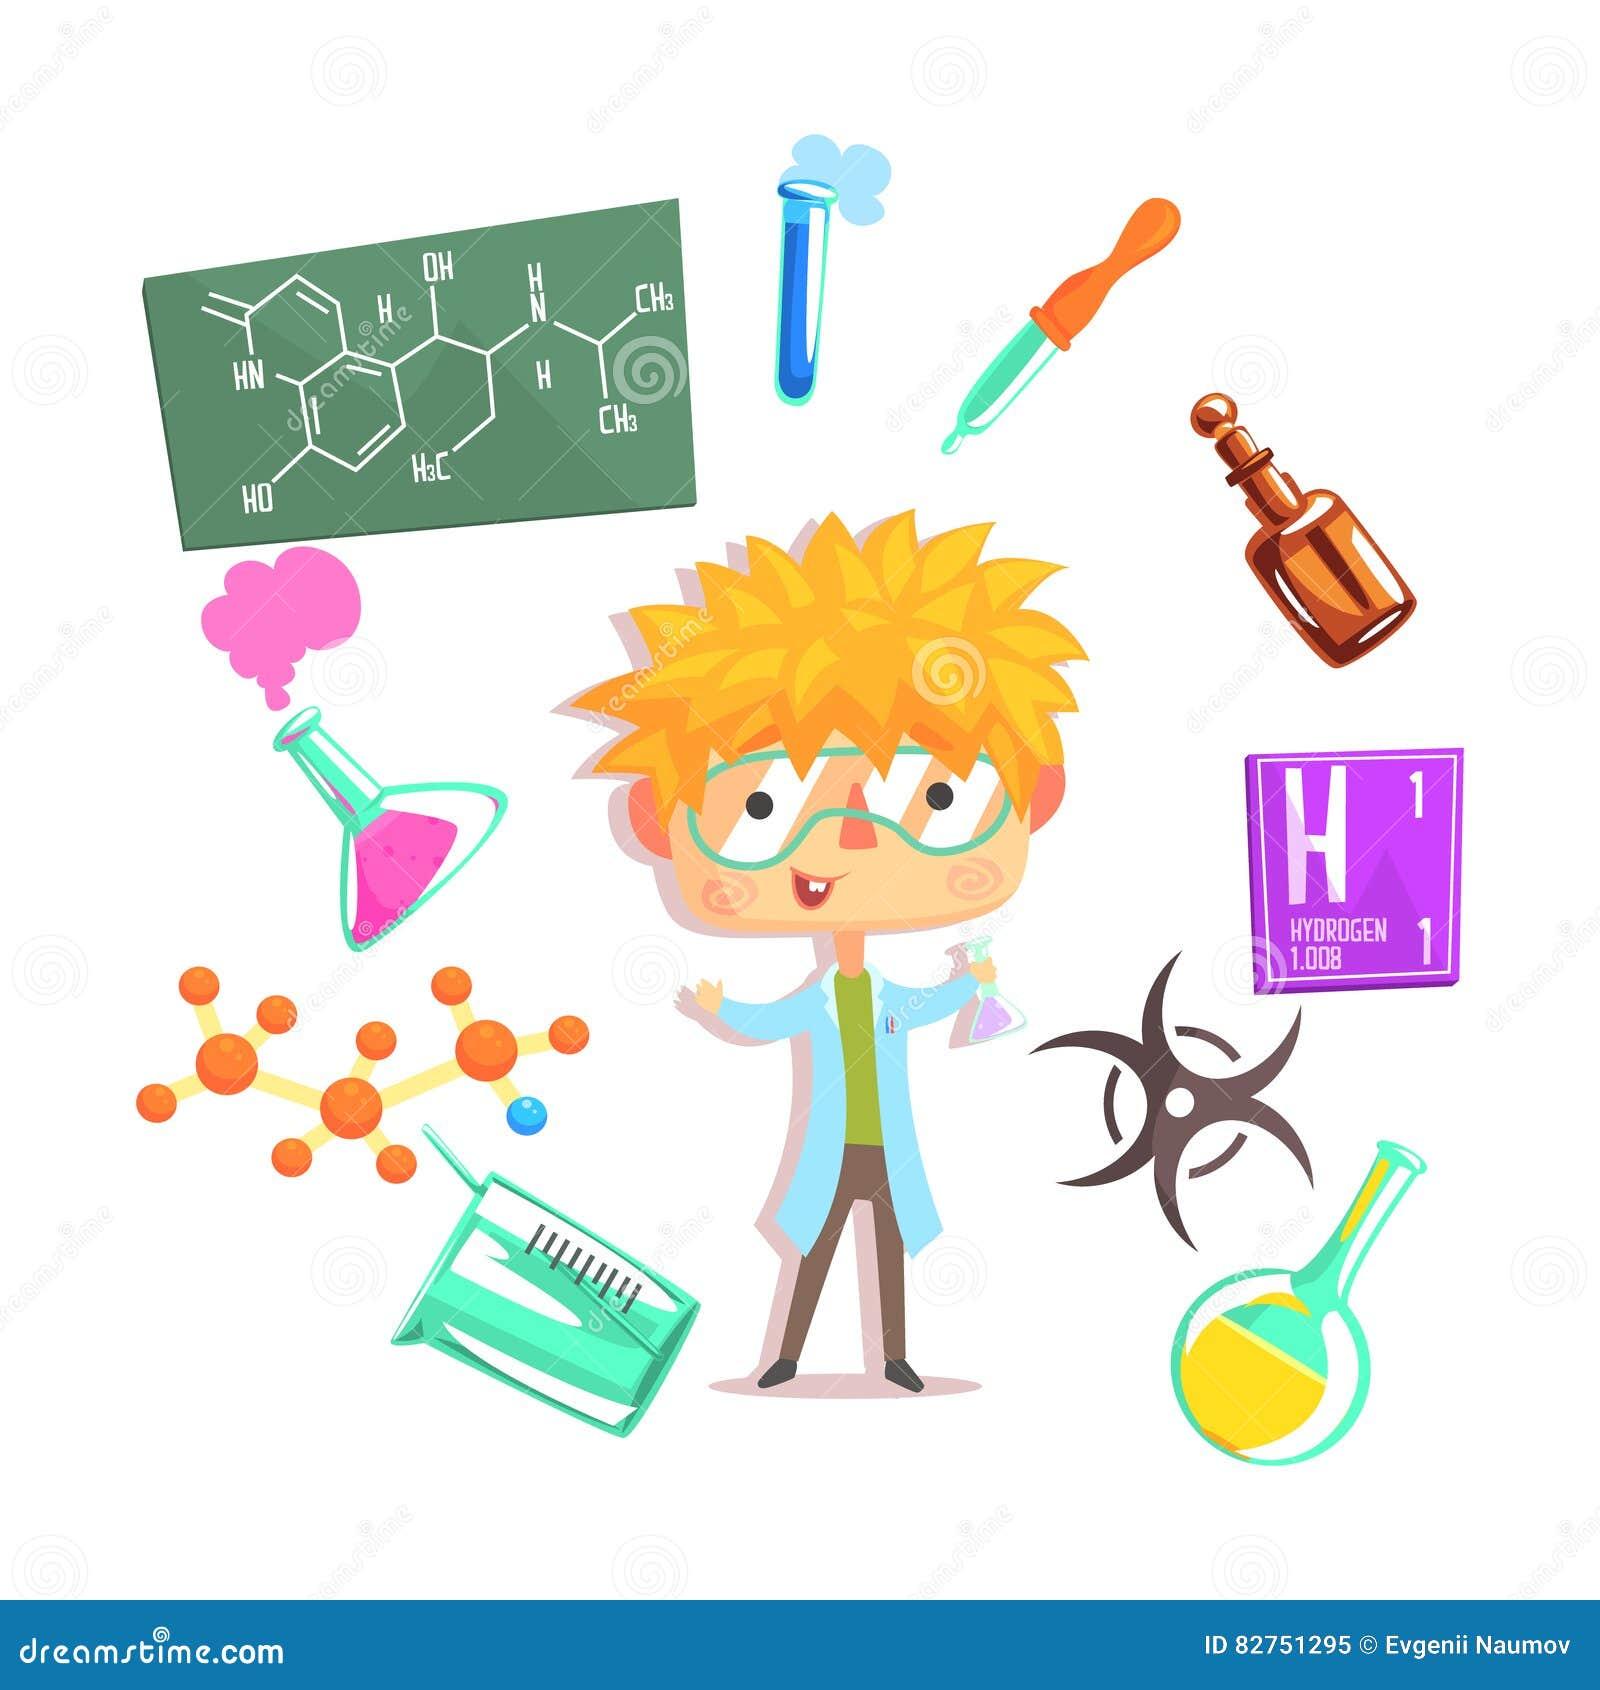 Chłopiec chemik, dzieciak przyszłości sen zajęcia Fachowa ilustracja Z Powiązanym zawodów przedmioty